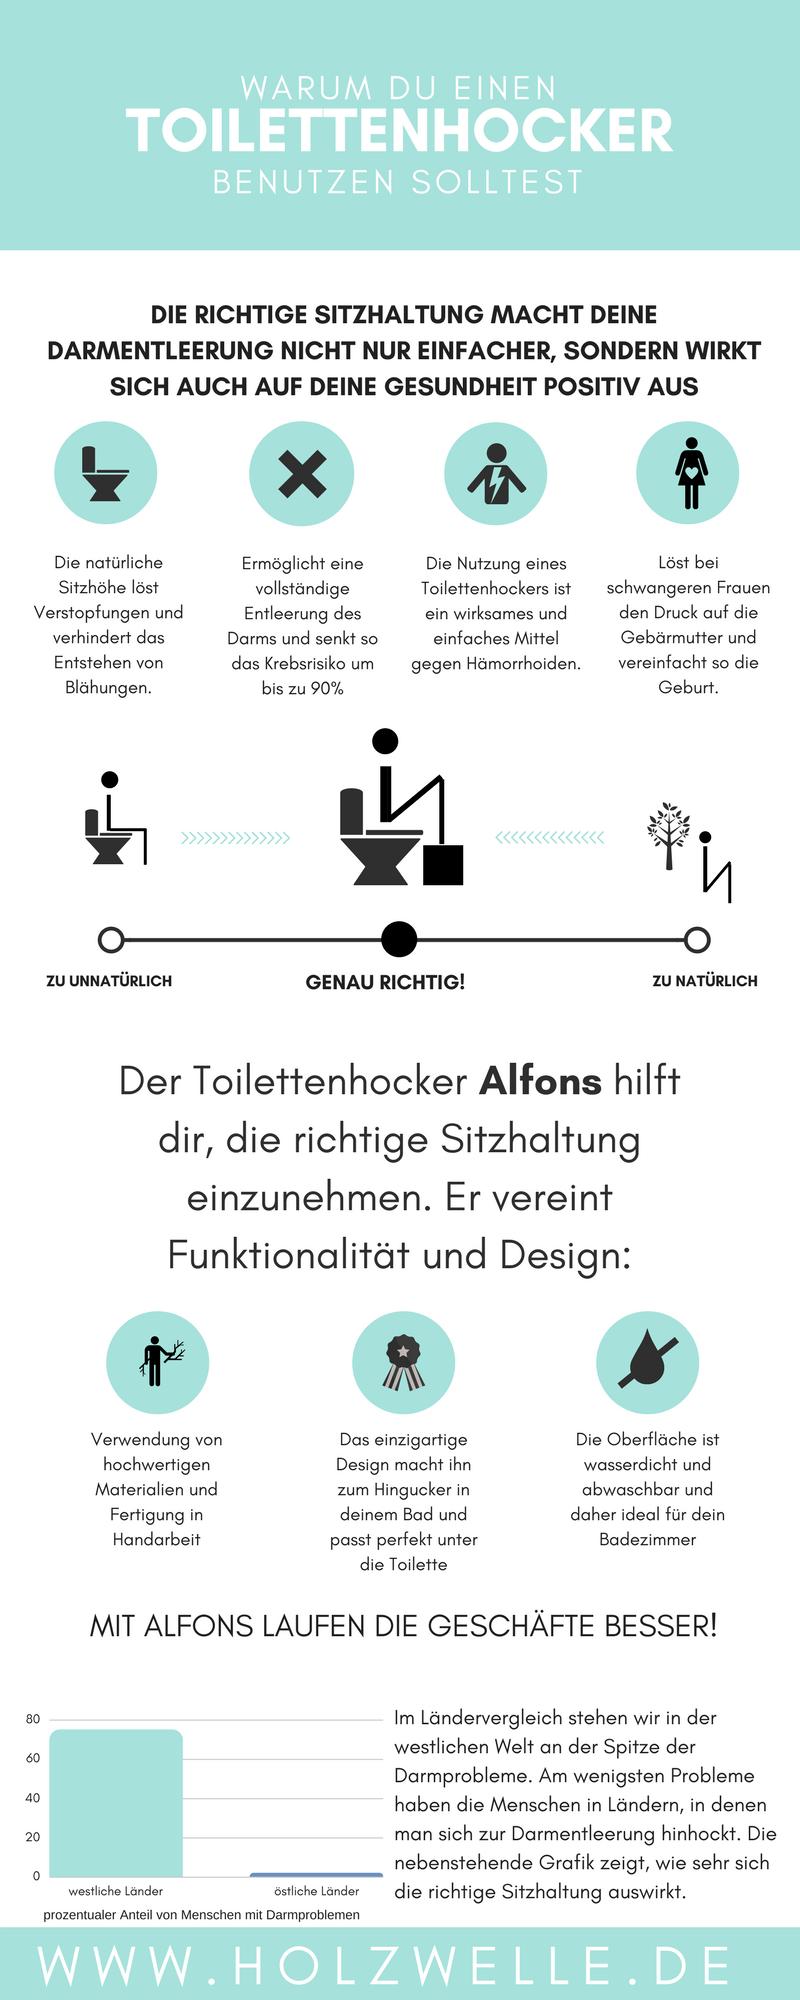 Warum du einen Toilettenhocker benutzen solltest: Darmentleerung einfacher, Risiko Krebs geringer, Häorrhoiden, schwangere Frauen. Toilettenhocker aus Holz abwaschbar